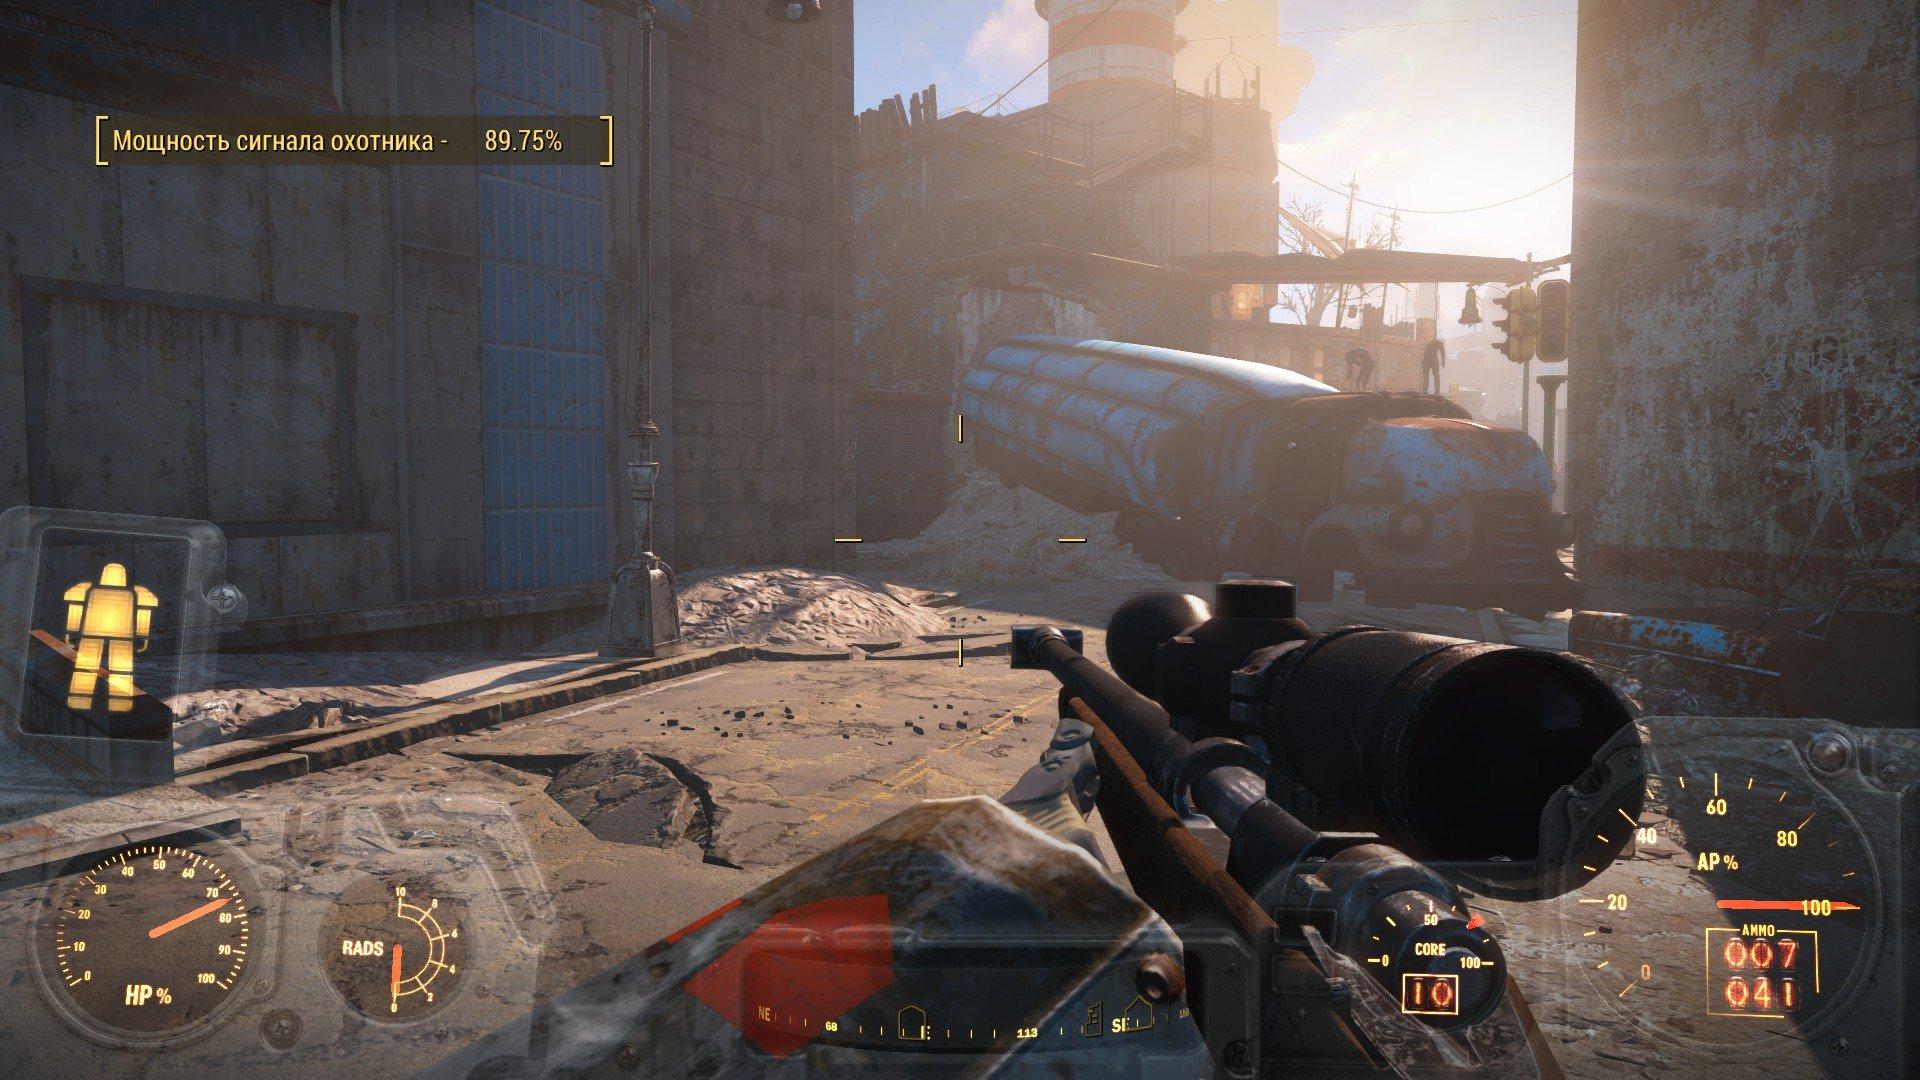 Большая рецензия на Fallout 4. - Изображение 2